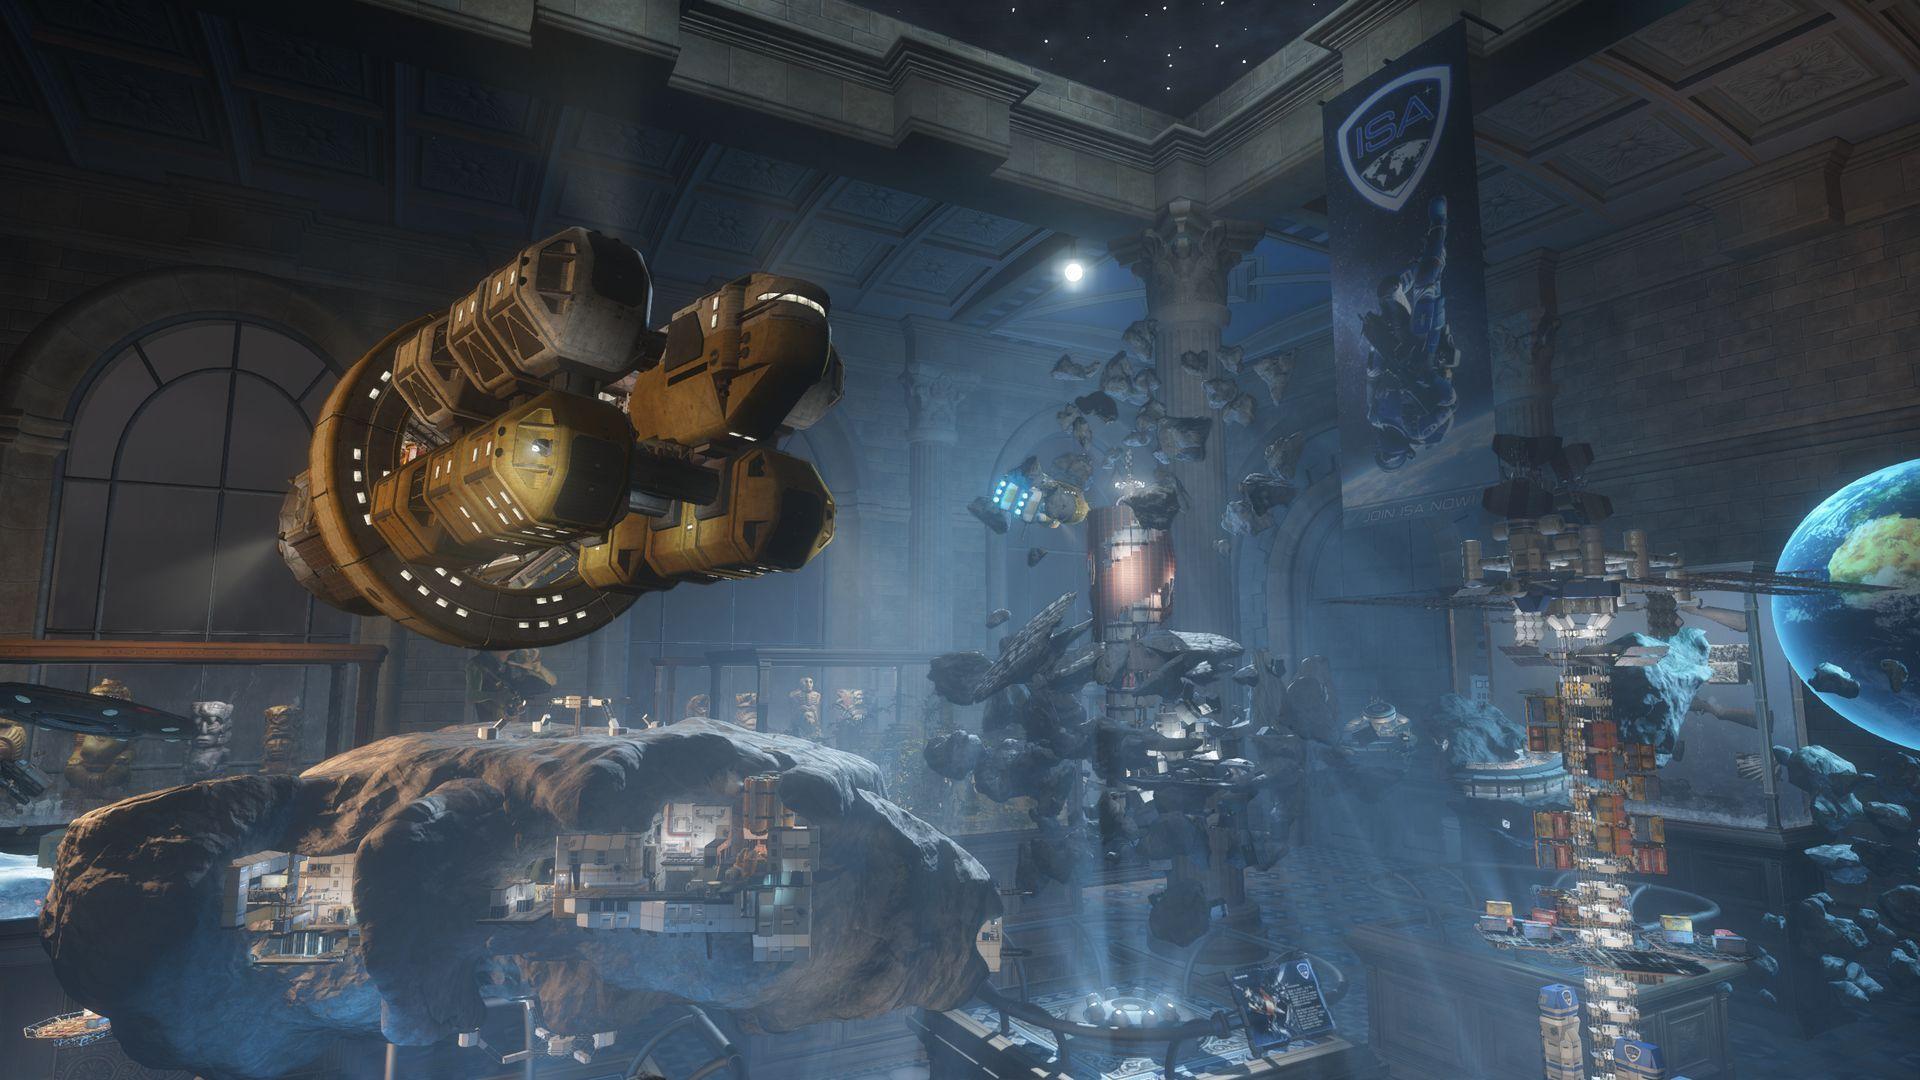 vrmark-blue-room-screenshot-2